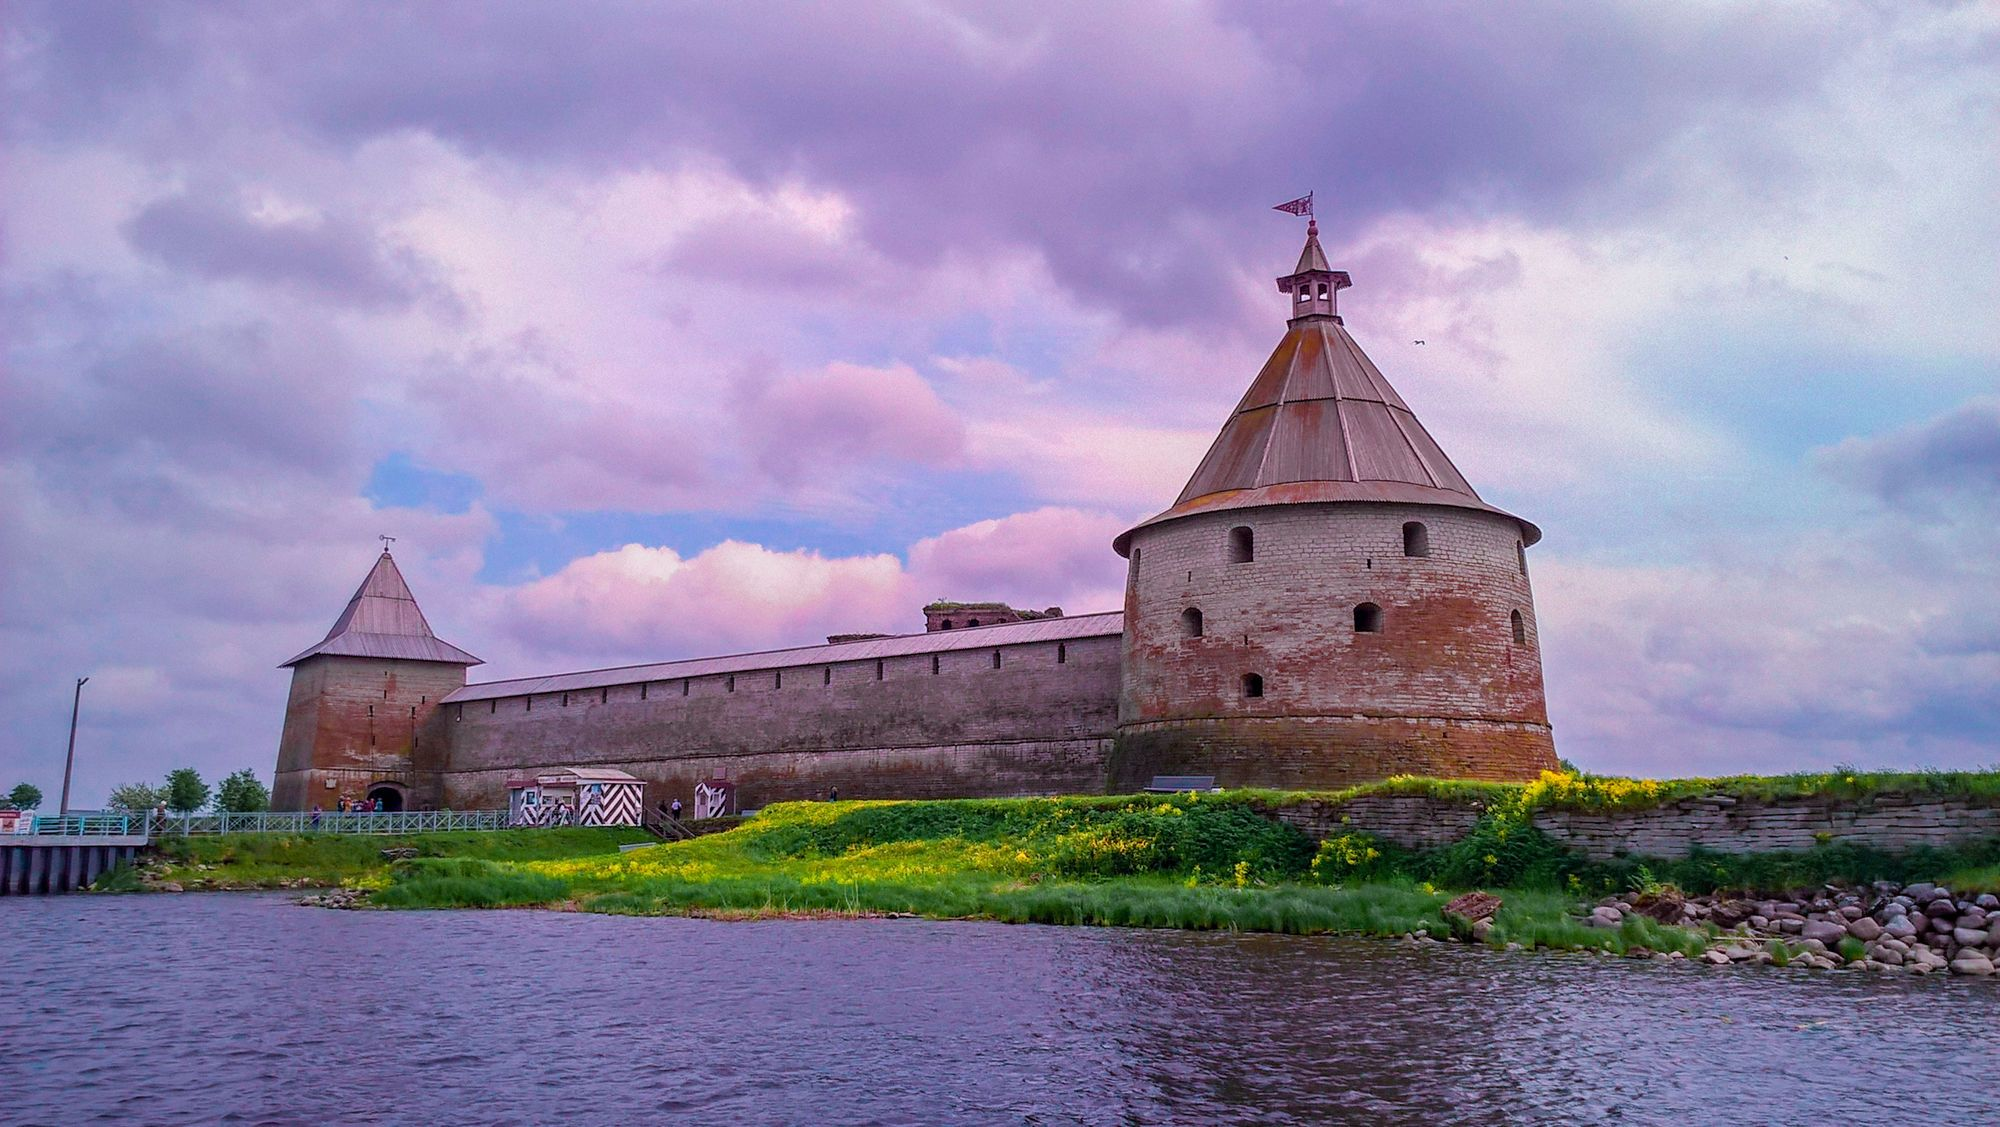 дорожка картинки крепости россии когда божественная